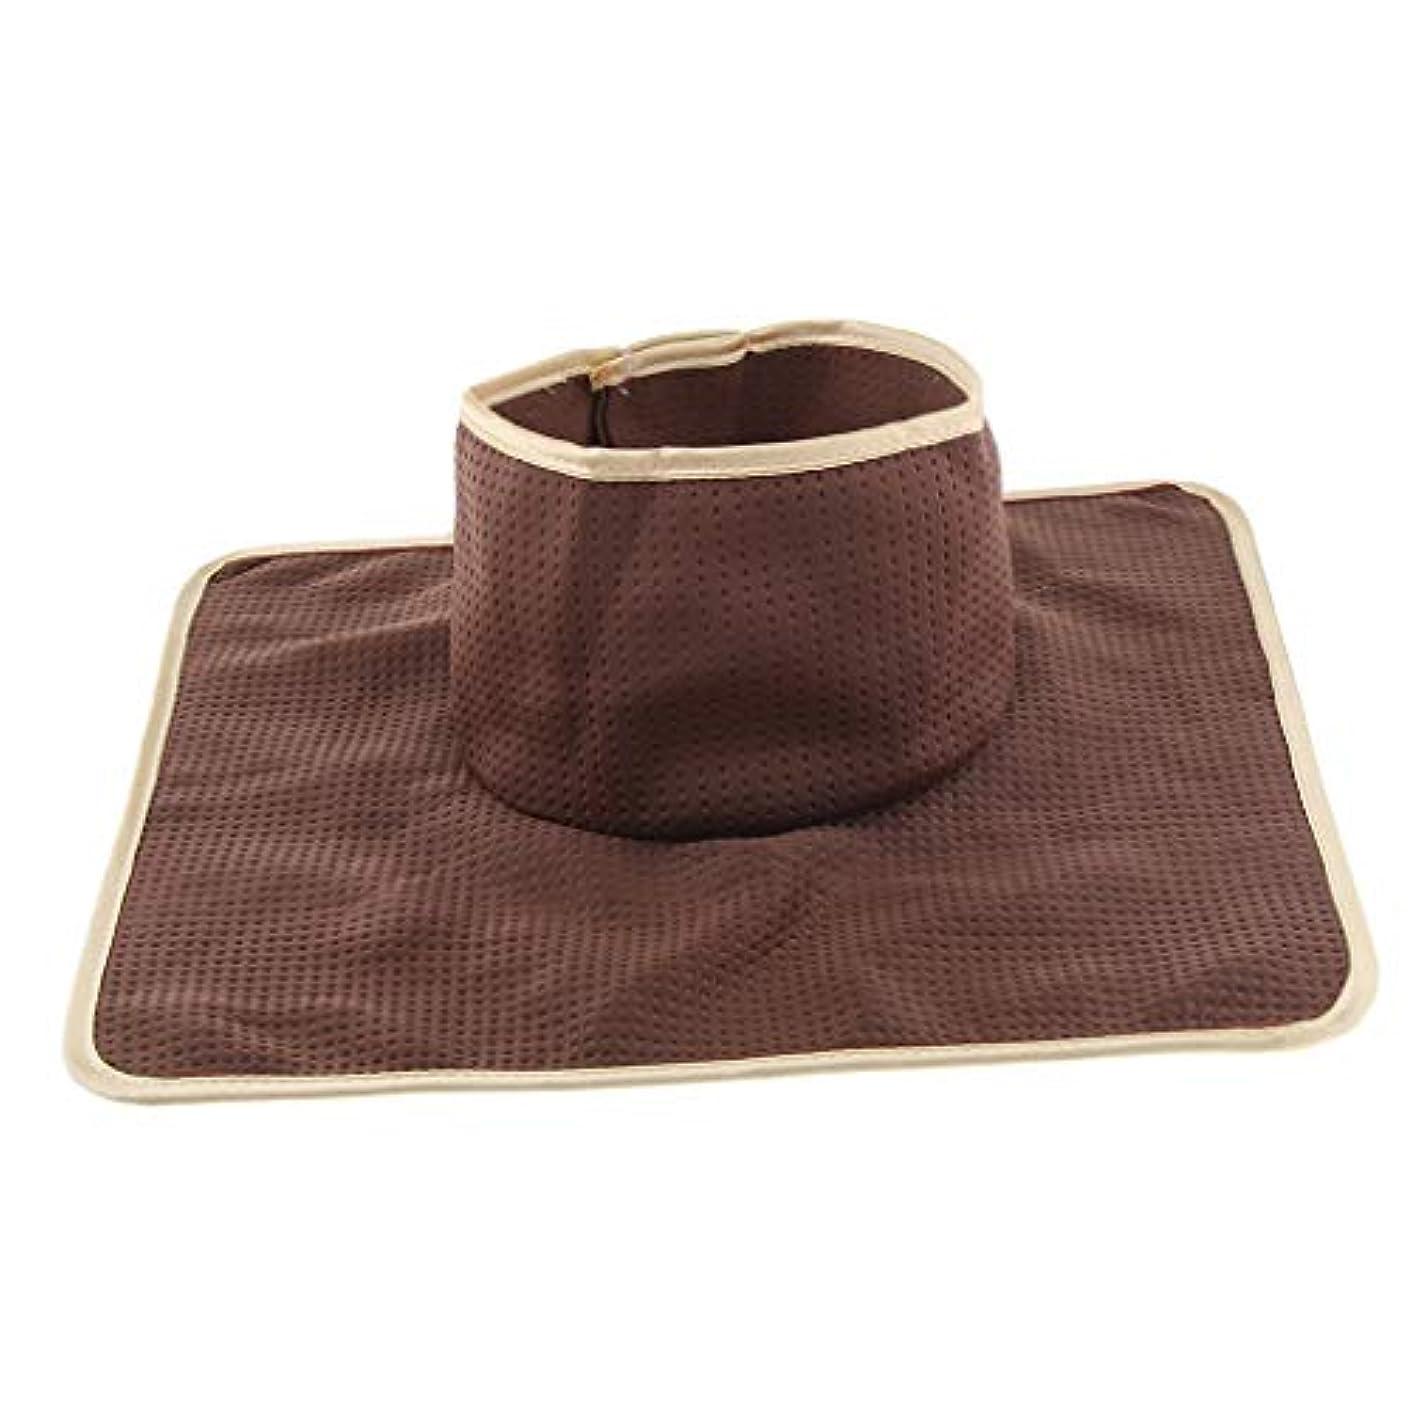 FLAMEER マッサージベッド サロンテーブル シート パッド 頭の穴 洗濯可能 約35×35cm 全3色 - コーヒー